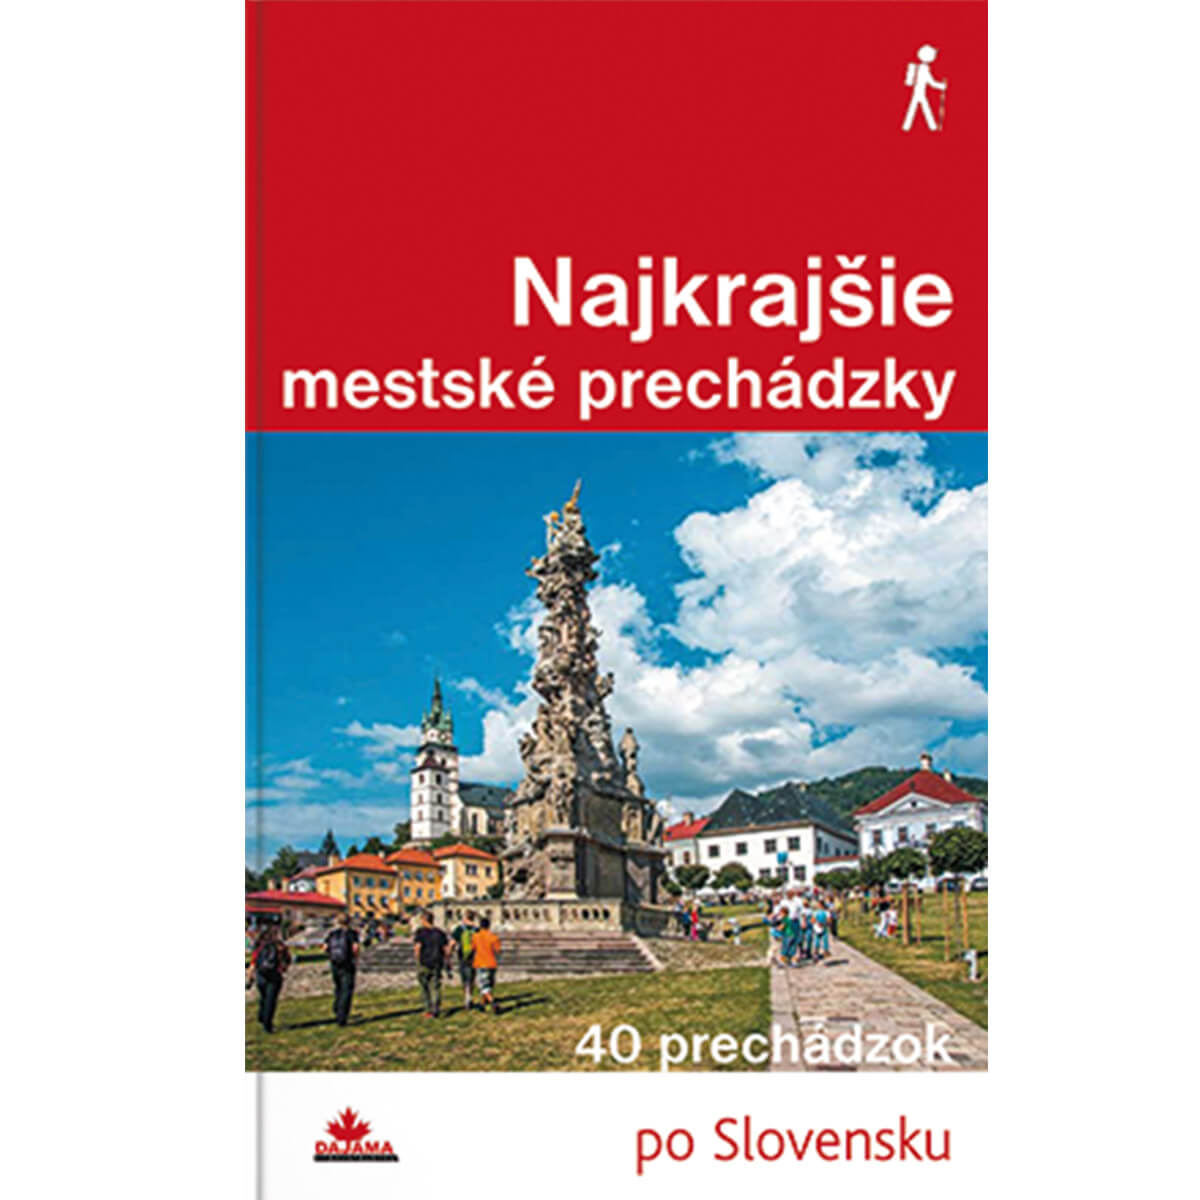 35ef0be77 Kniha Najkrajšie mestské prechádzky - 40 prechádzok po Slovensku z  vydavateľstva Dajama